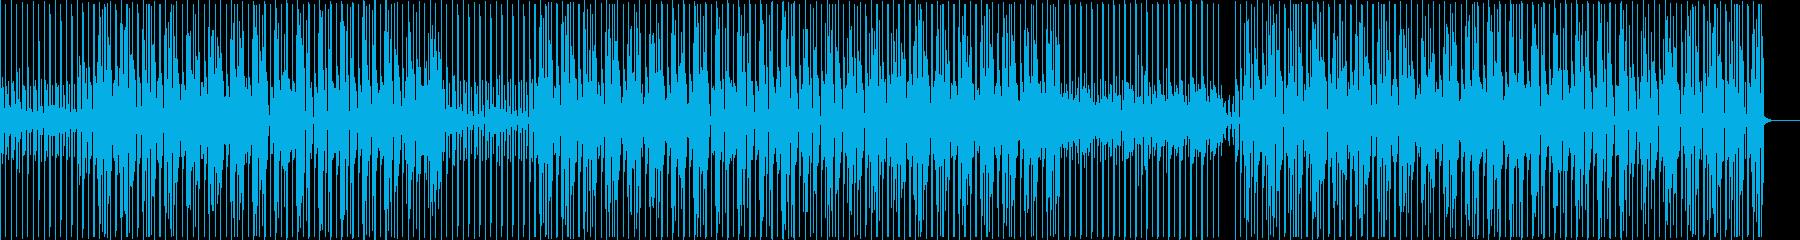 ホップ 跳ねる ジャンプ キュートの再生済みの波形